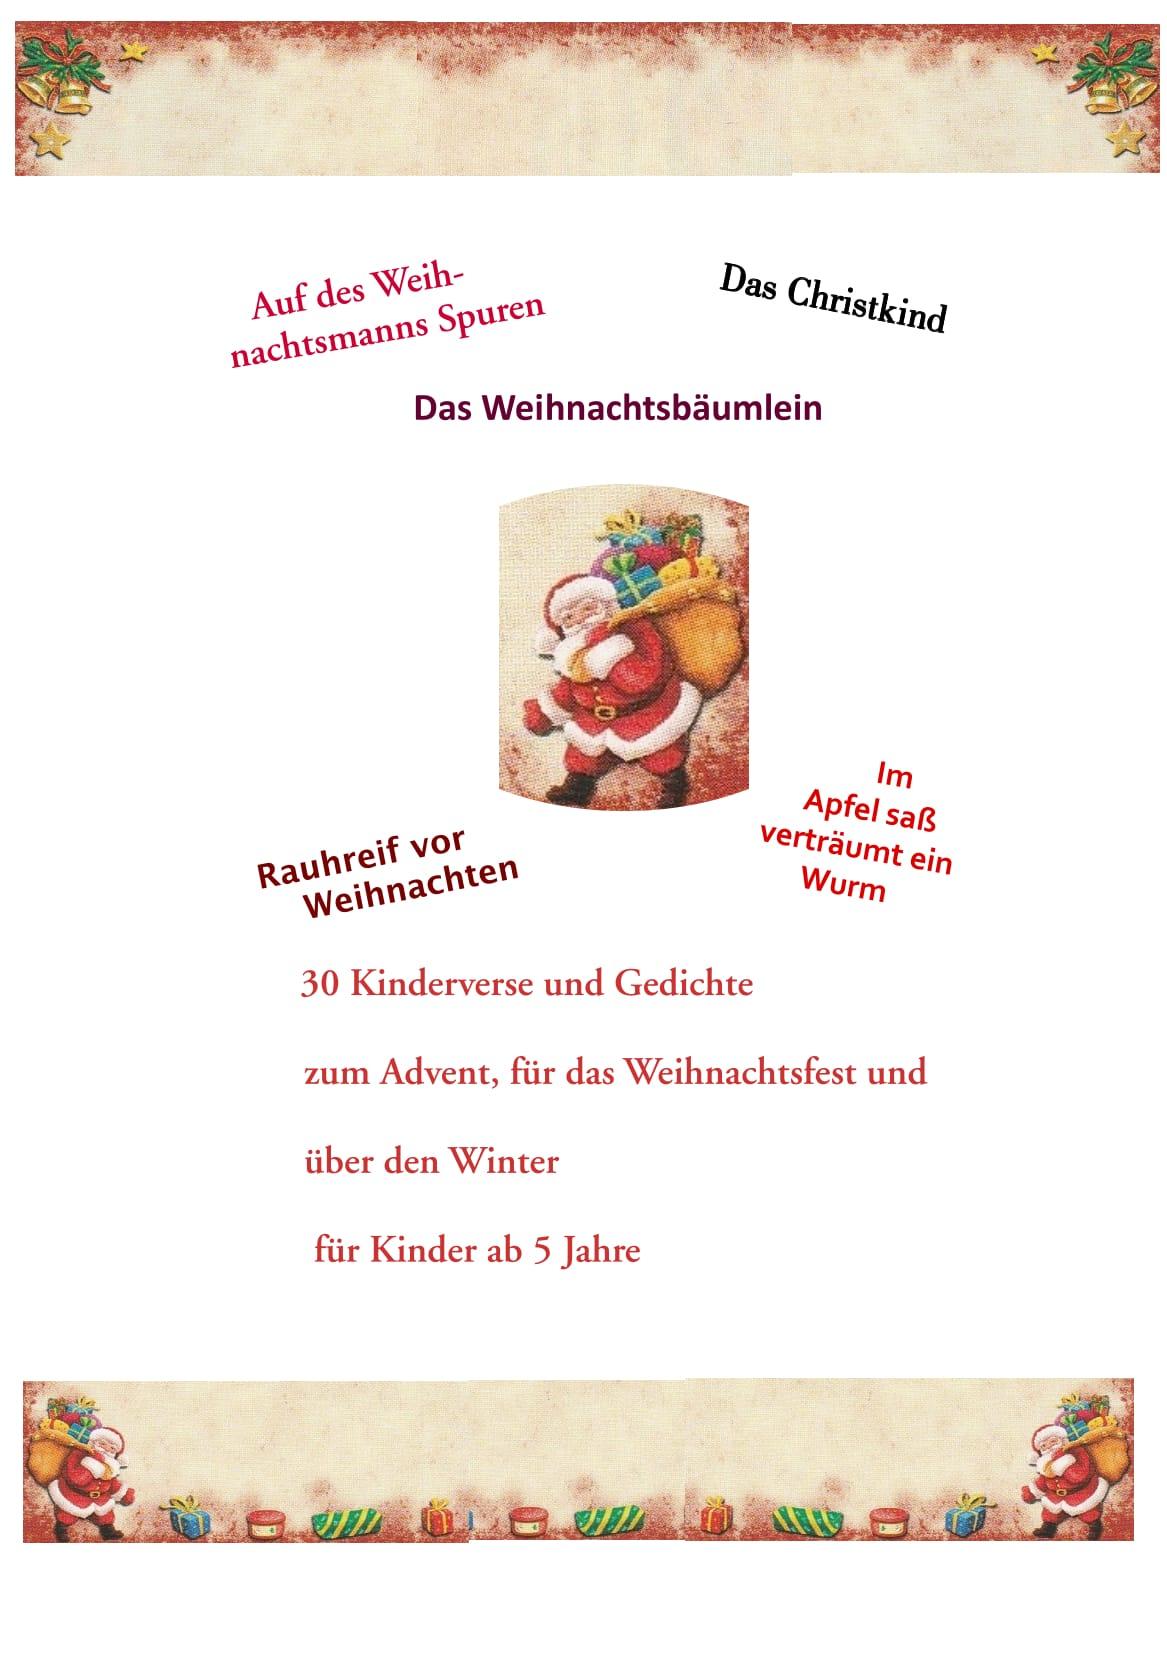 Winter Und Weihnachtsgedichte.Weihnachtsgedichte Für Kinder